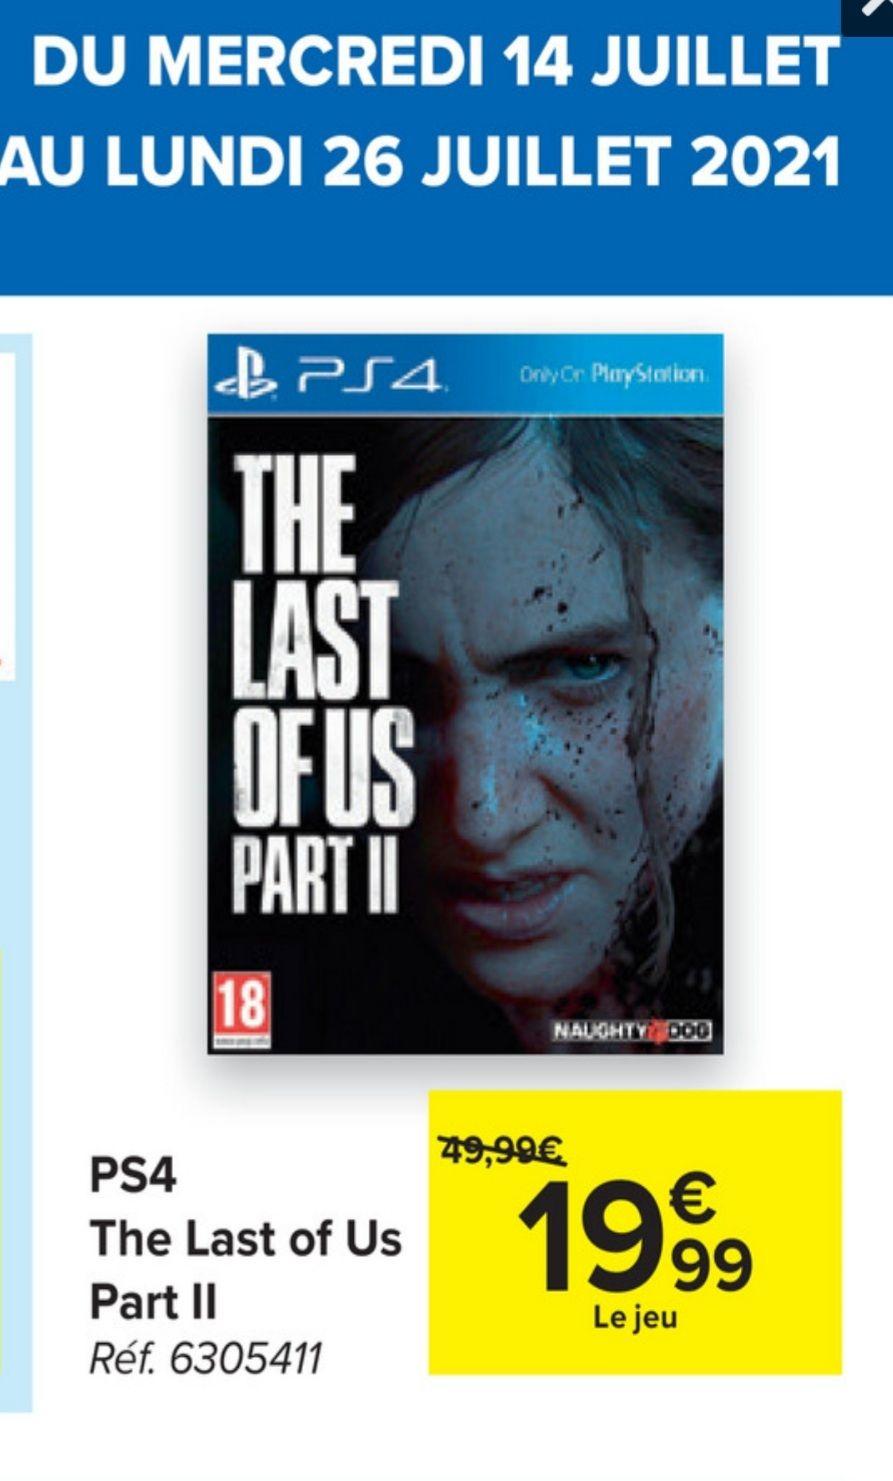 Jeu The last of us part 2 sur PS4 (Frontaliers Belgique)